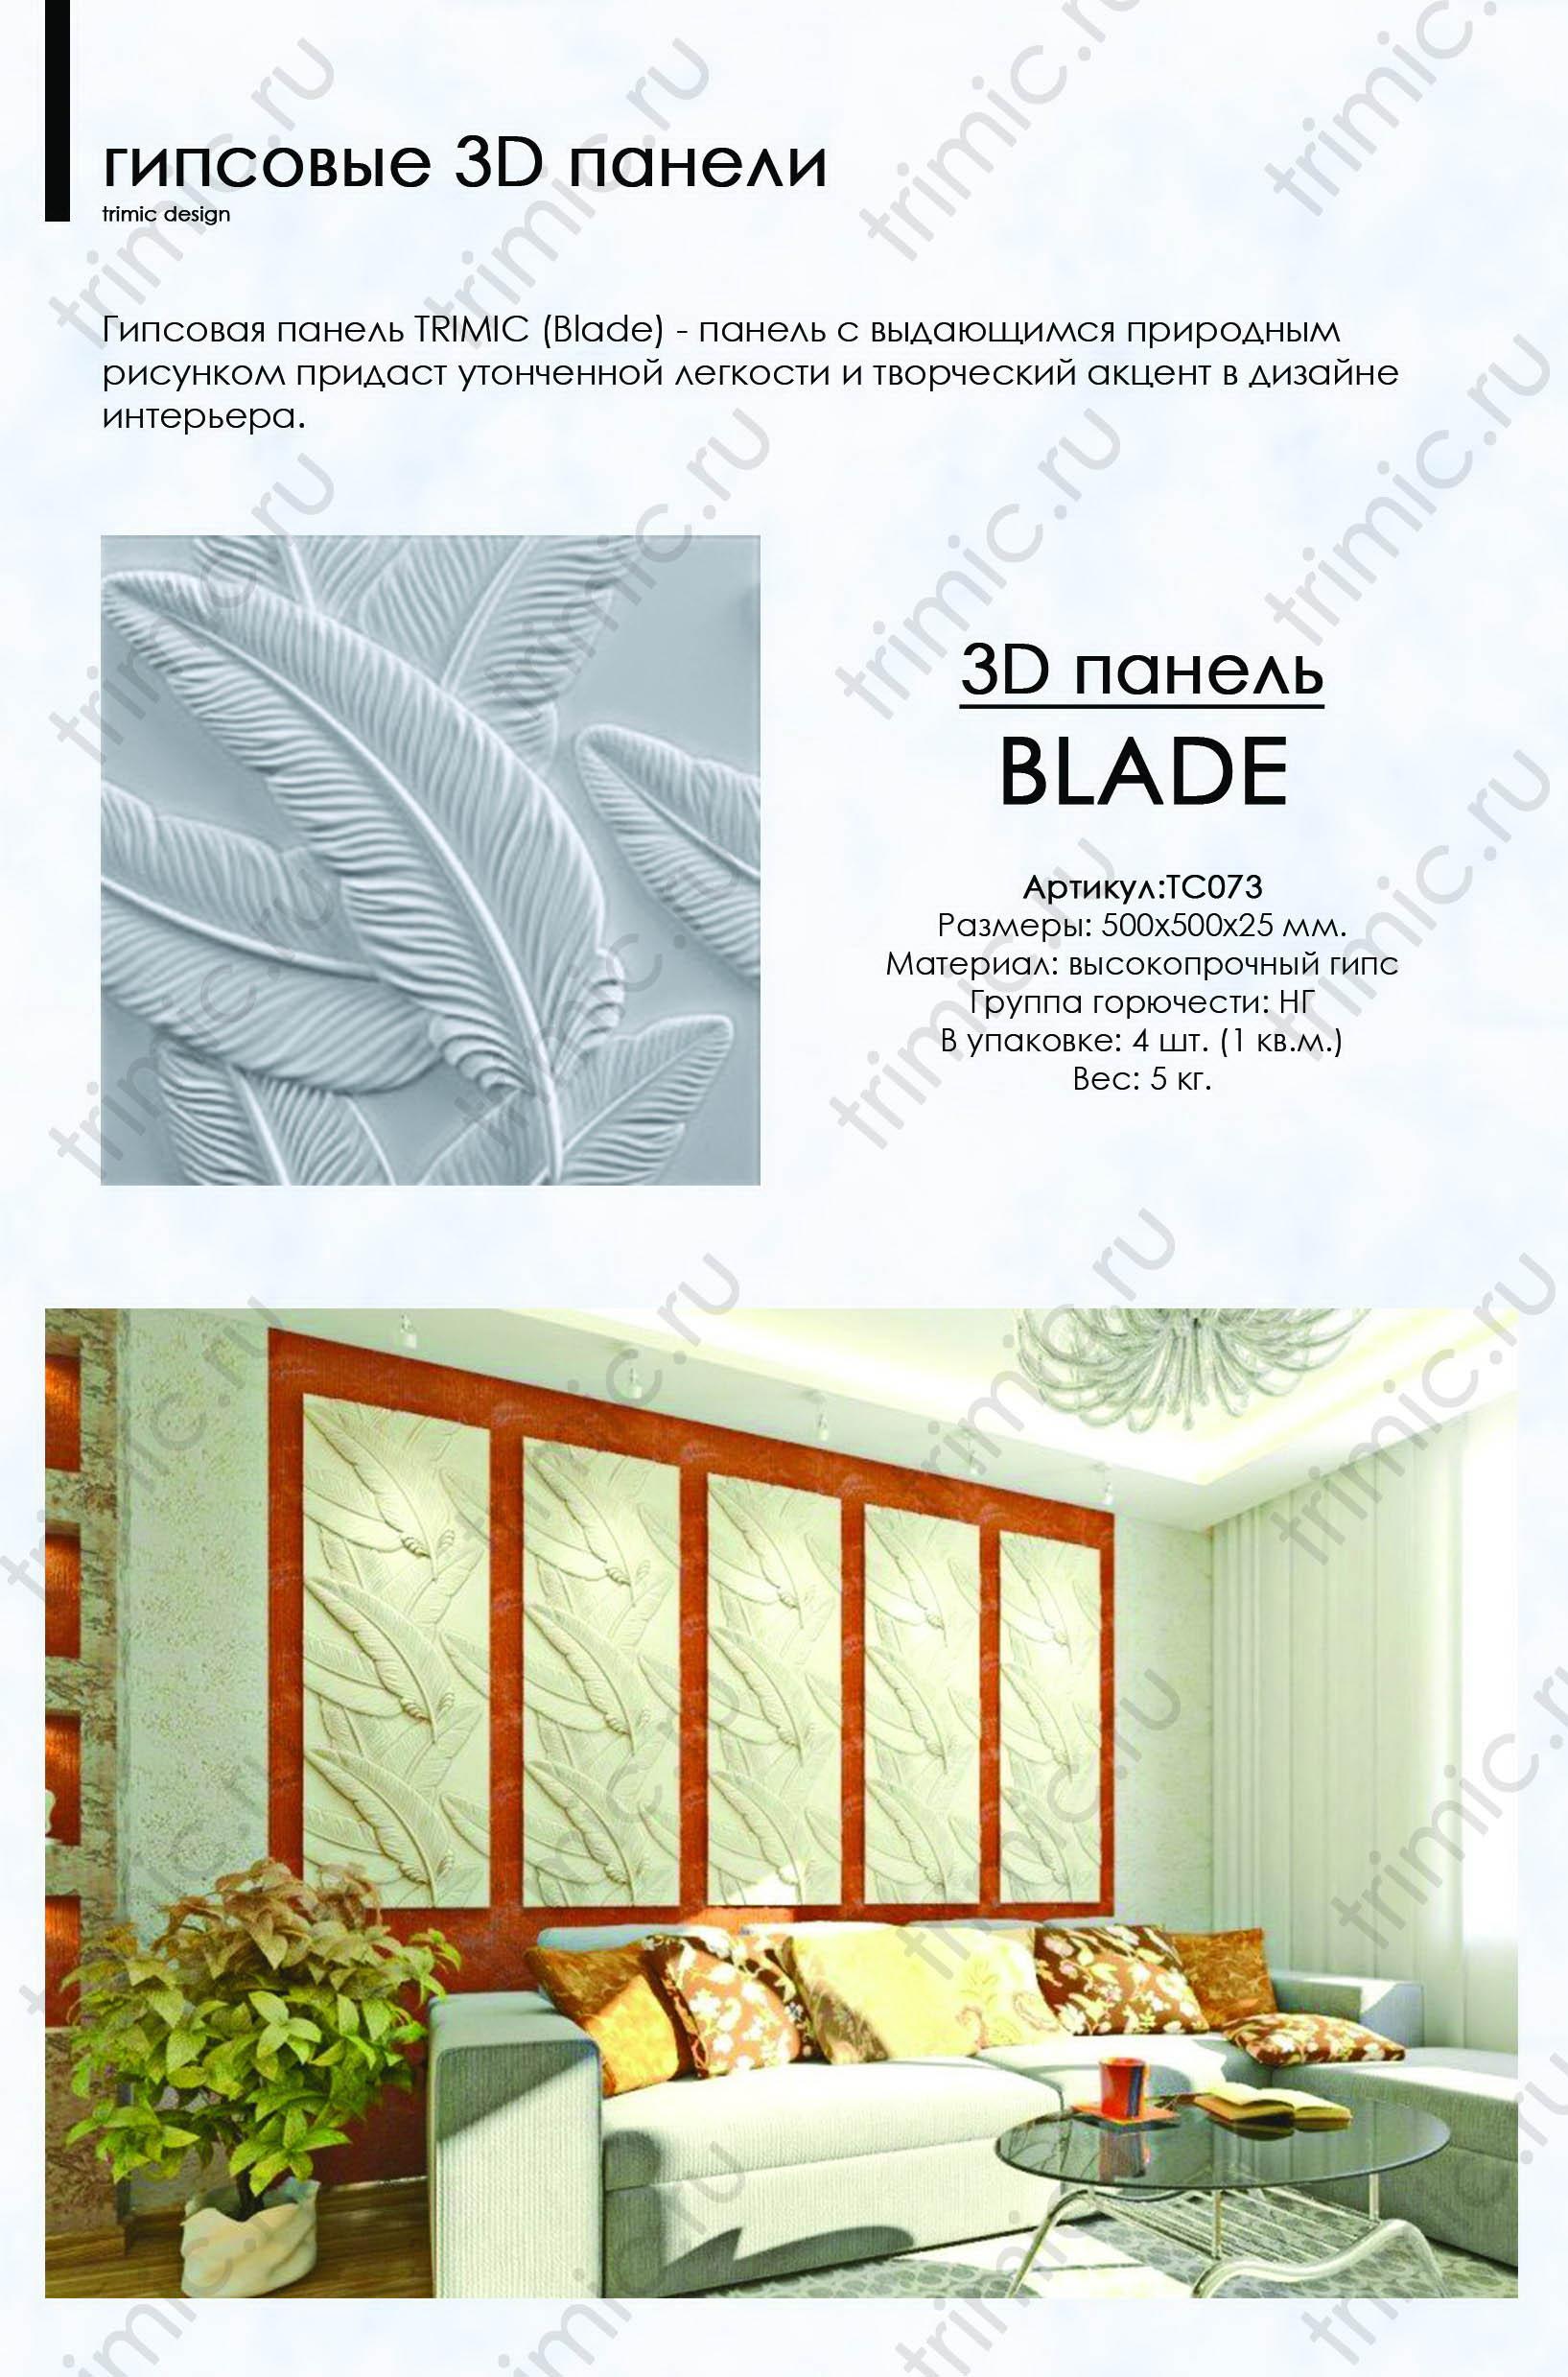 Купить стеновые 3D панели из гипса можно в нашем магазине быстро и по привлекательной цене.